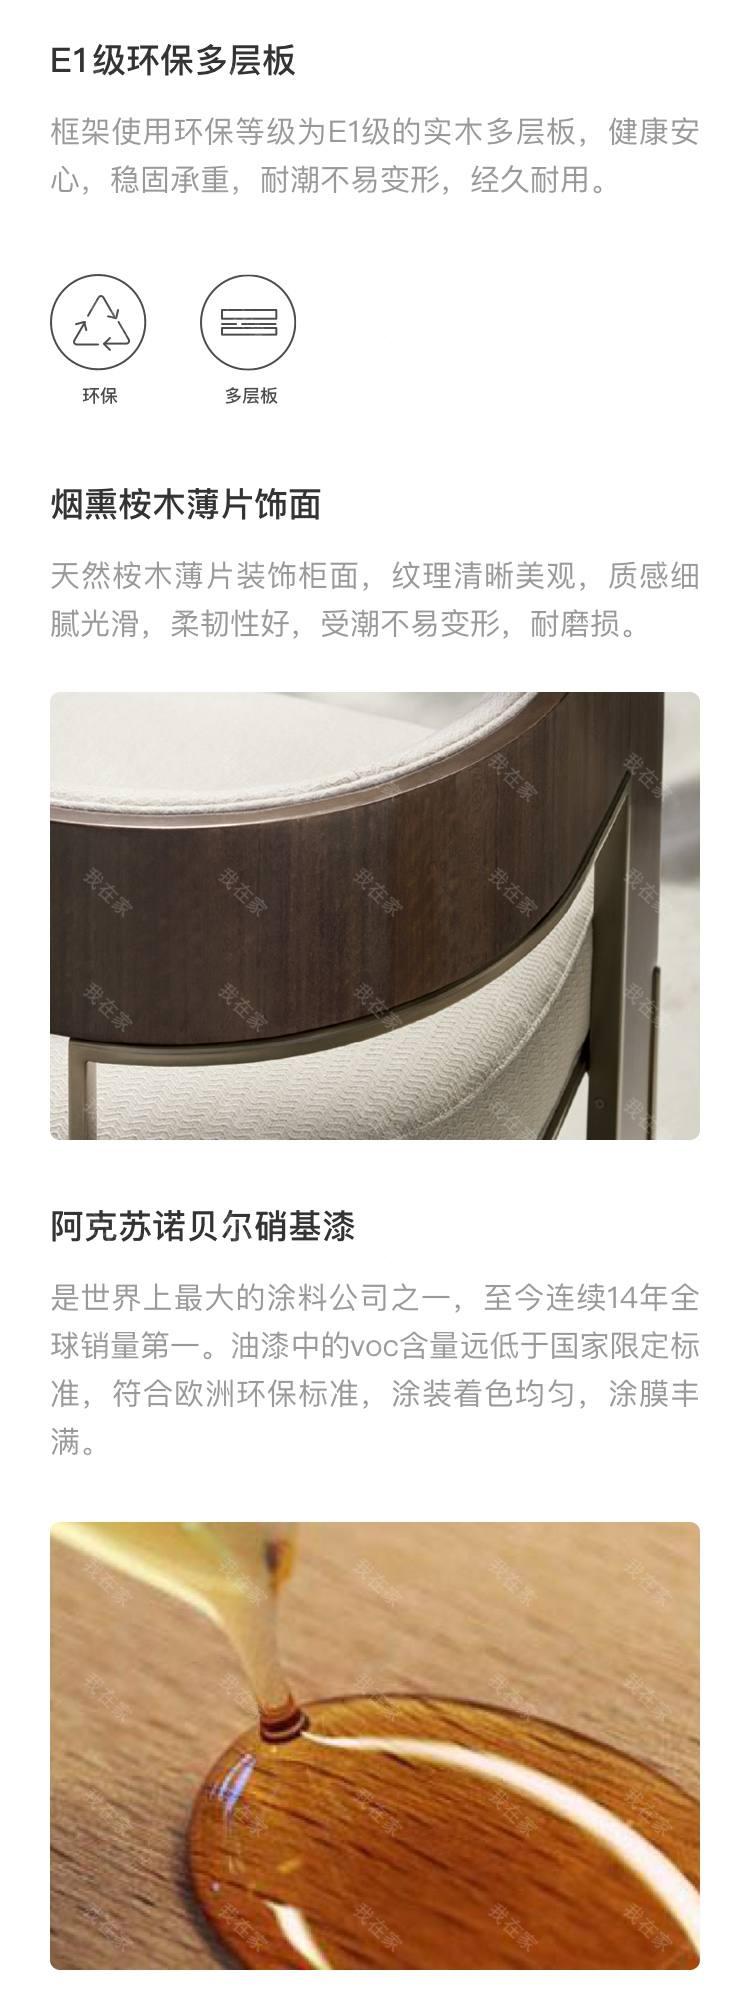 轻奢美式风格云斑谷书椅的家具详细介绍